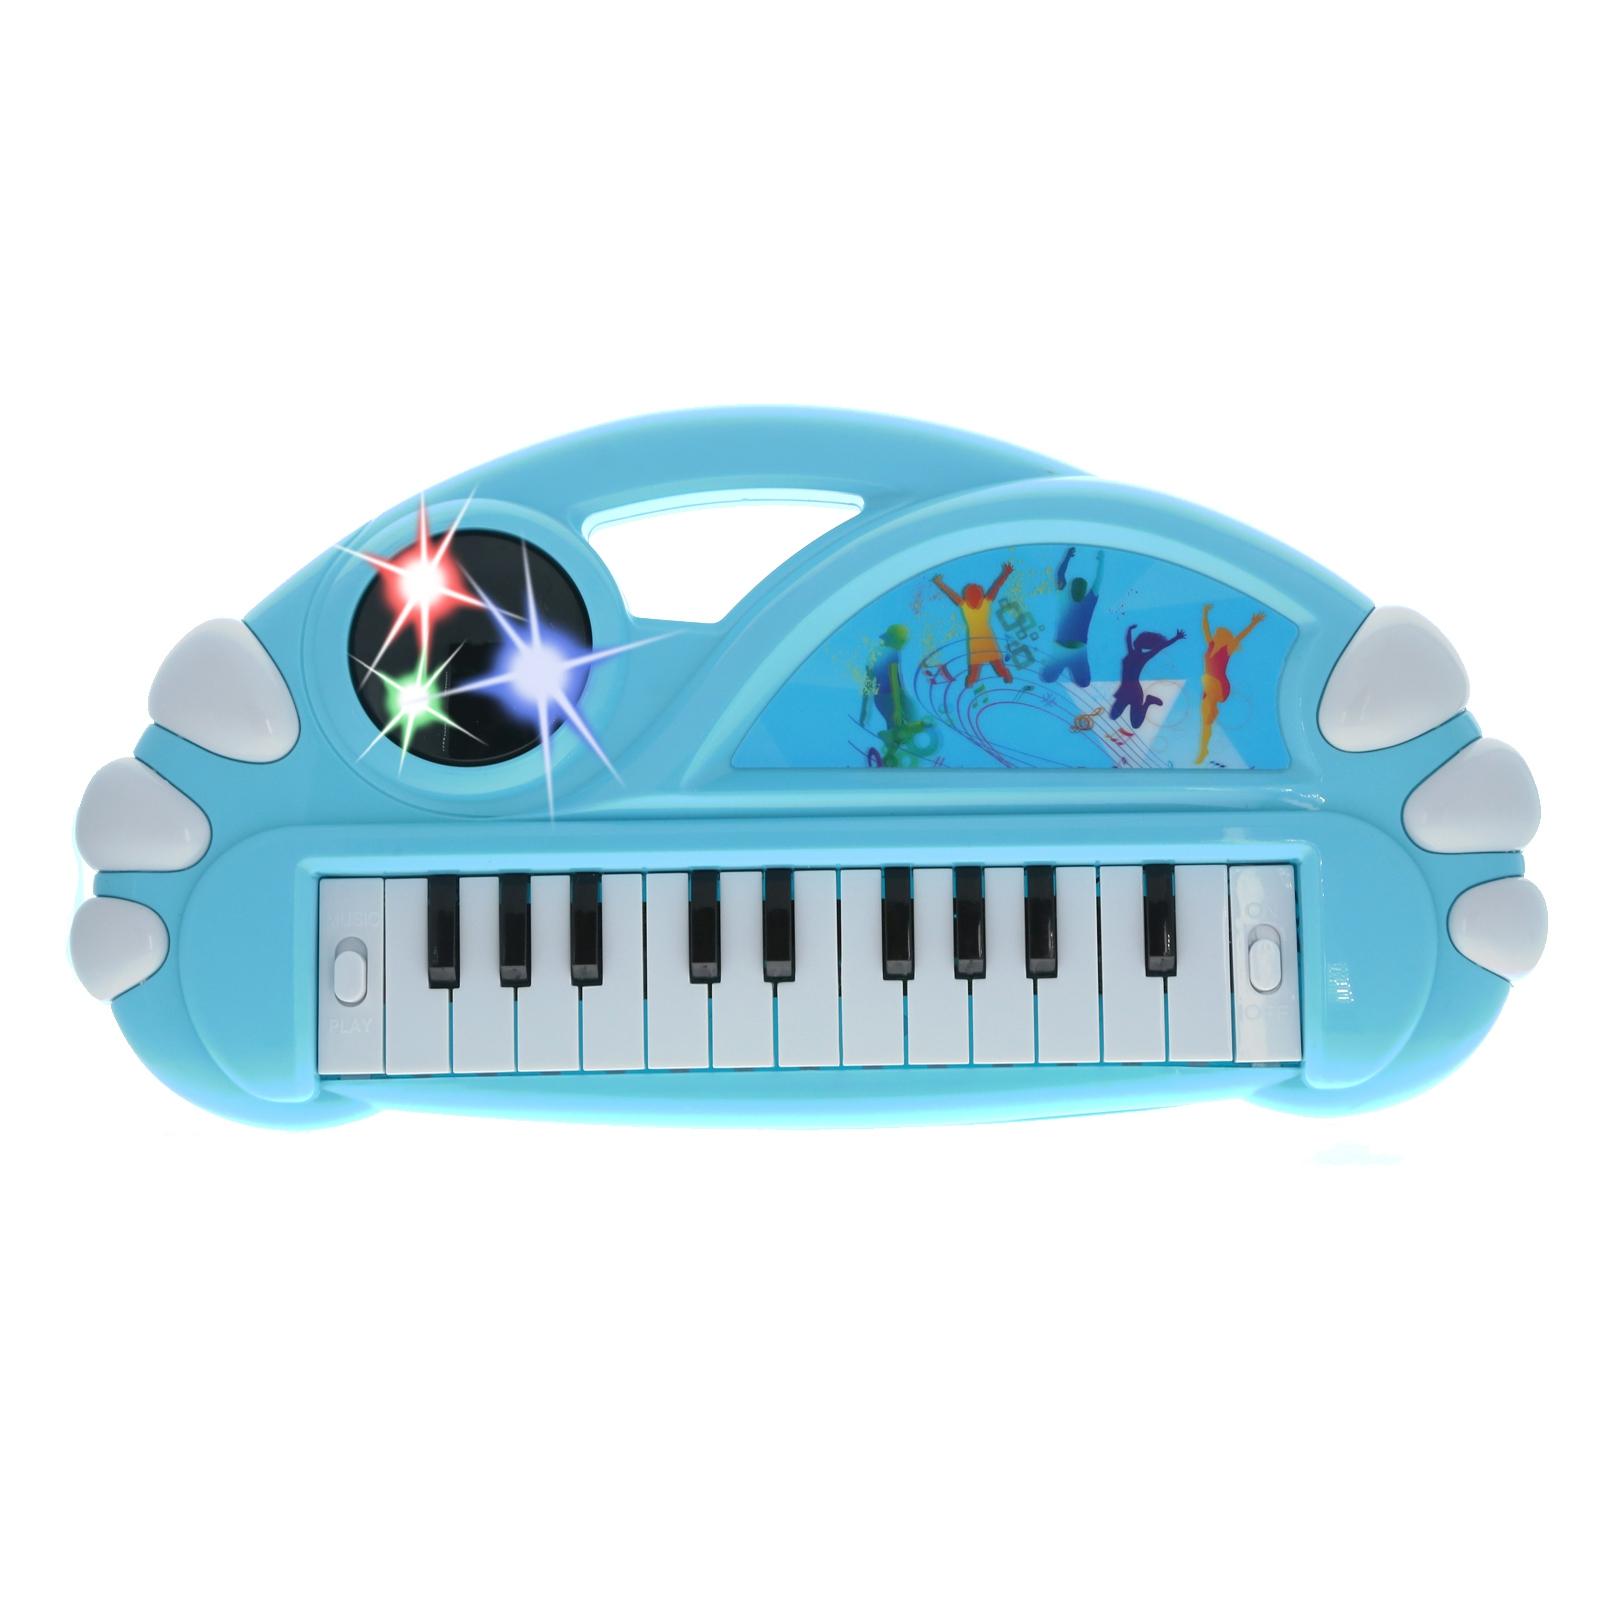 KidPlay Organ Musical Instrument Electronic Keyboard Kids Toy - Blue